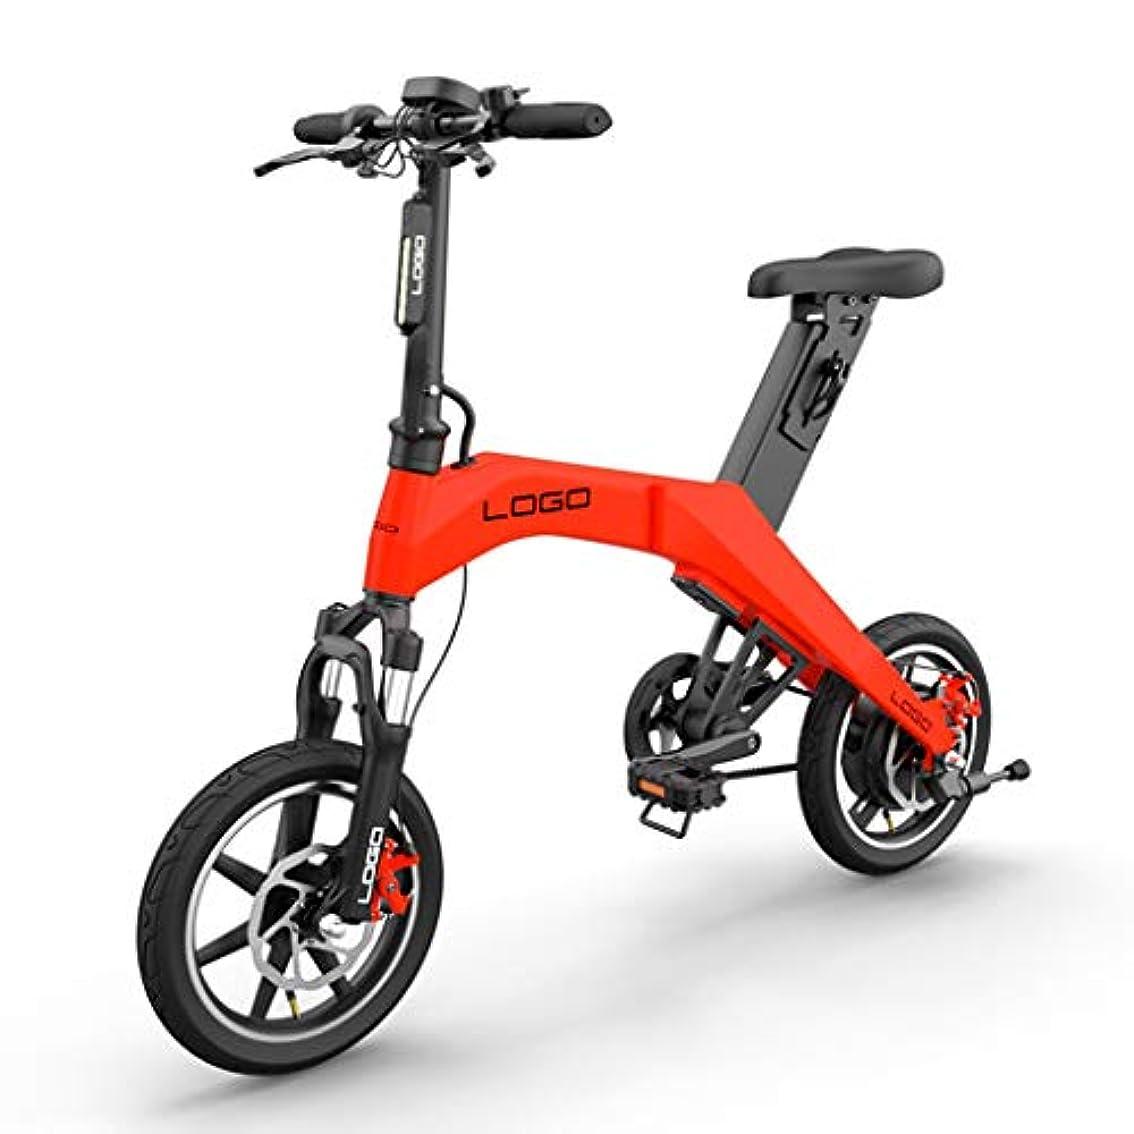 ラベル滑り台証明する350Wモーター/ 36V 6.6AHリチウム電池、LCD液晶機器と14インチのスマート電動自転車、軽量合金鋼フレーム電動自転車、